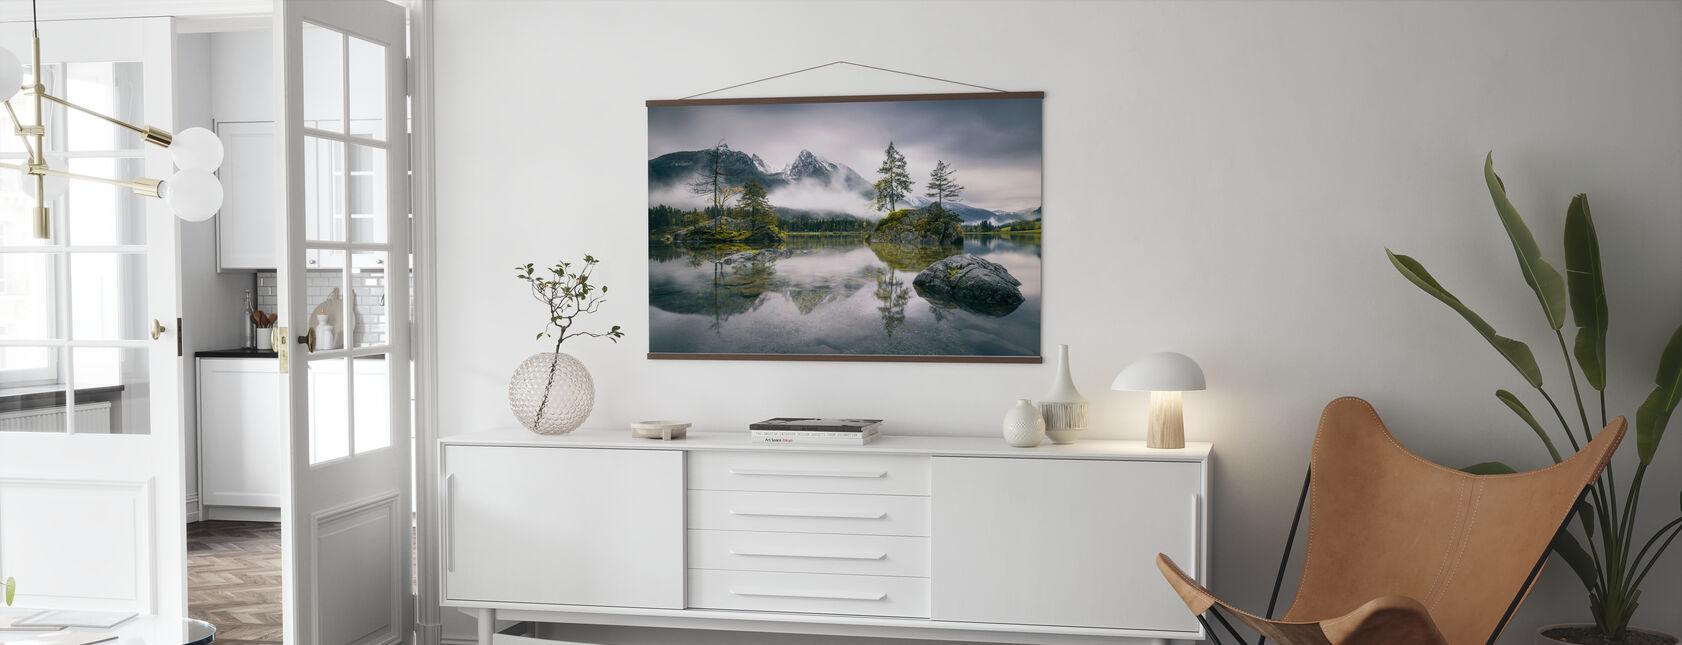 Rainy Morning at Hintersee (Bavaria) - Poster - Living Room